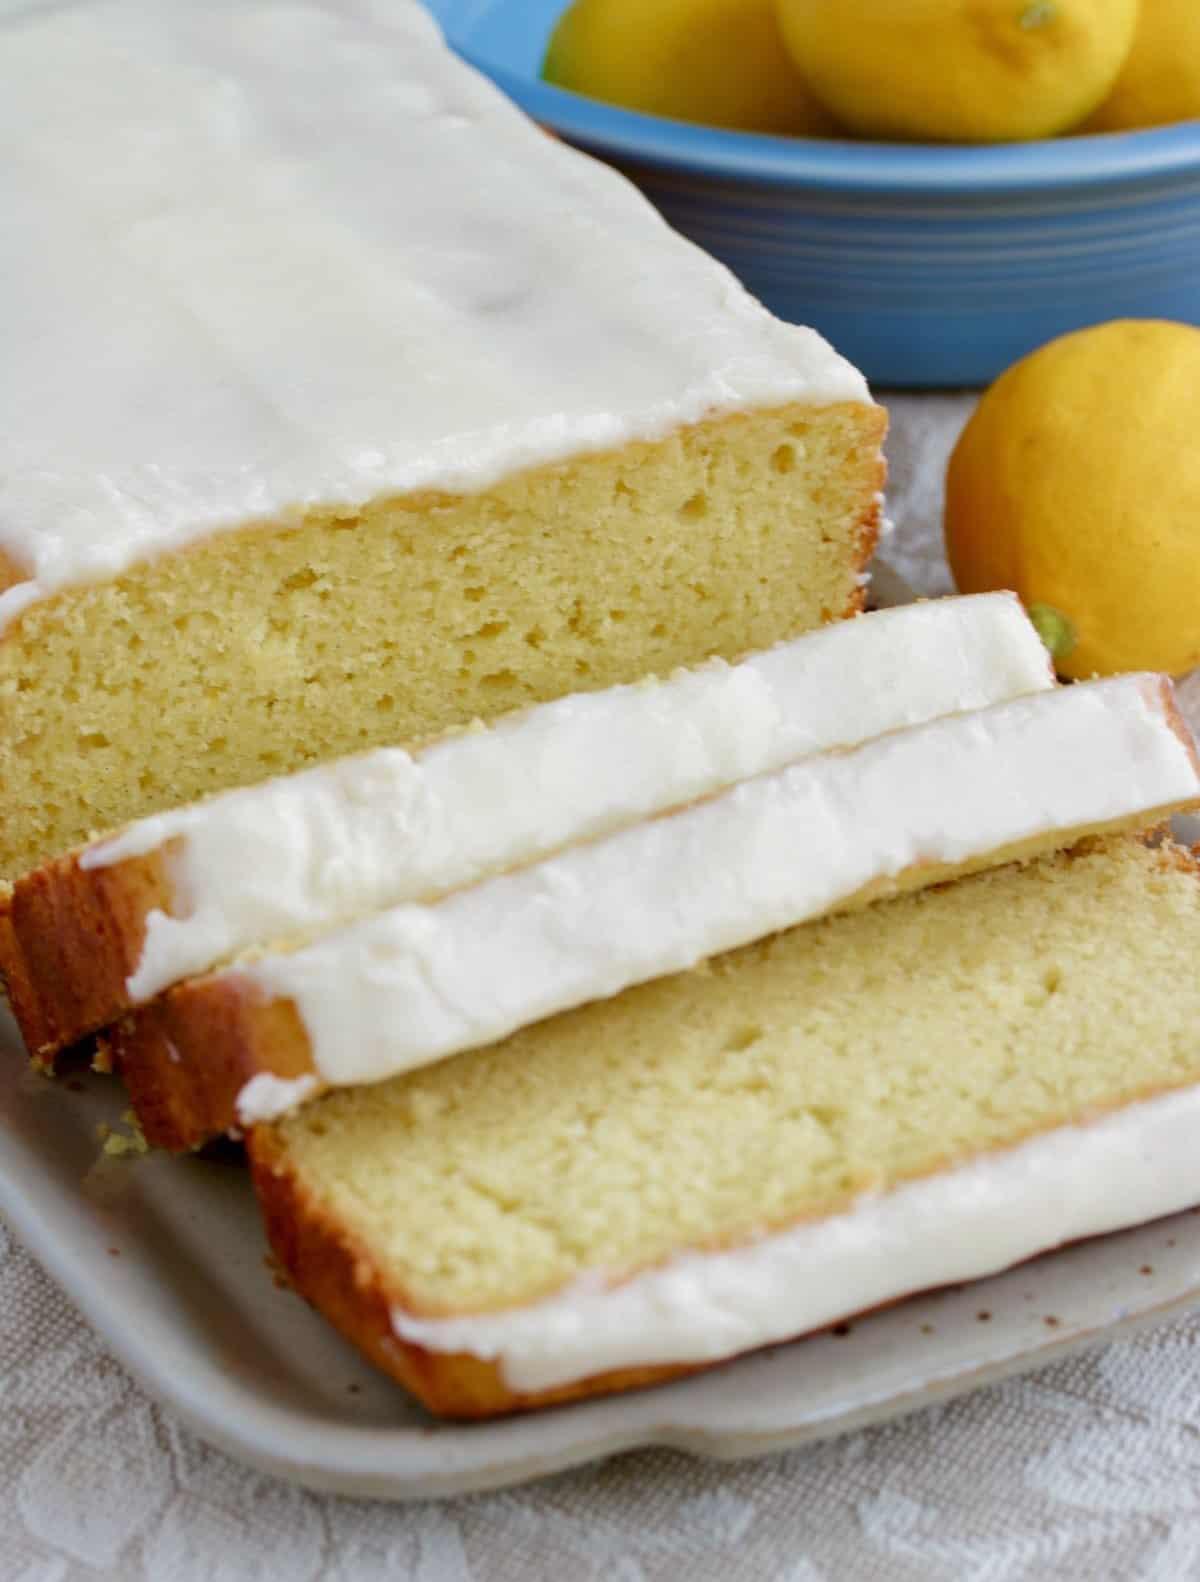 sliced lemon cake with fresh lemon